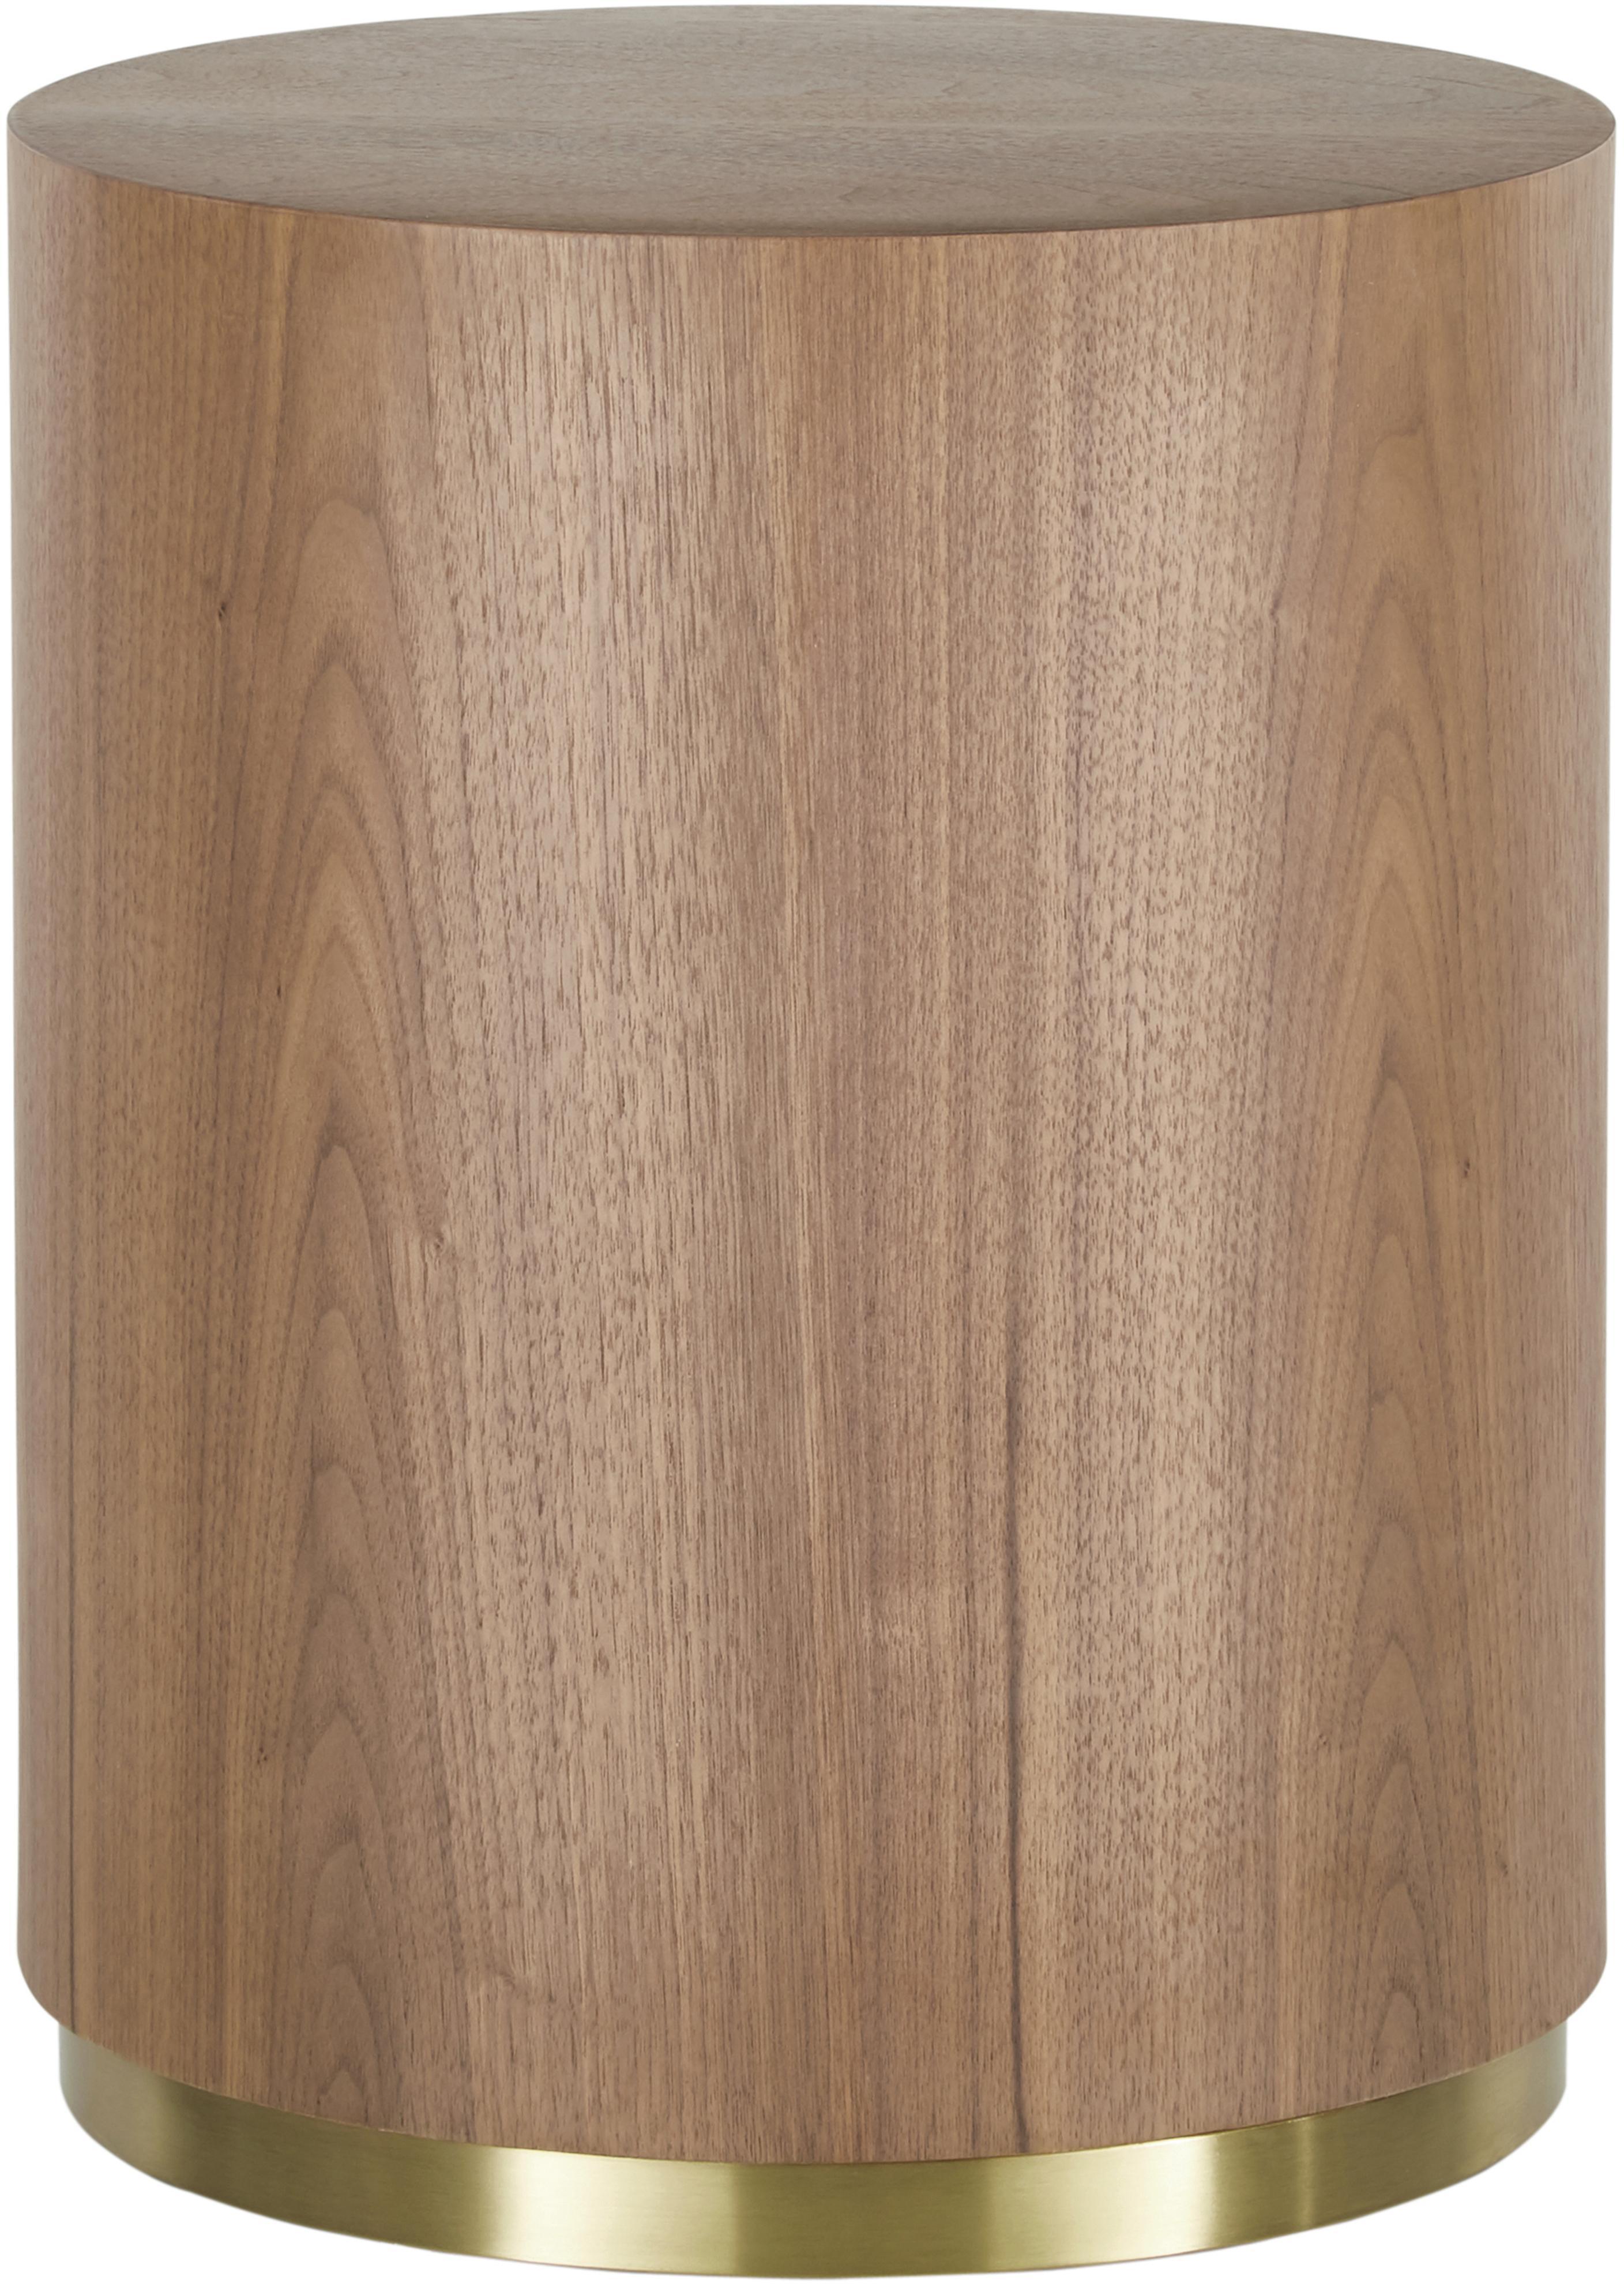 Tavolino rotondo color noce Clarice, Corpo: impiallacciato di noce base: dorato lucido spazzolato, Ø 40 x Alt. 50 cm